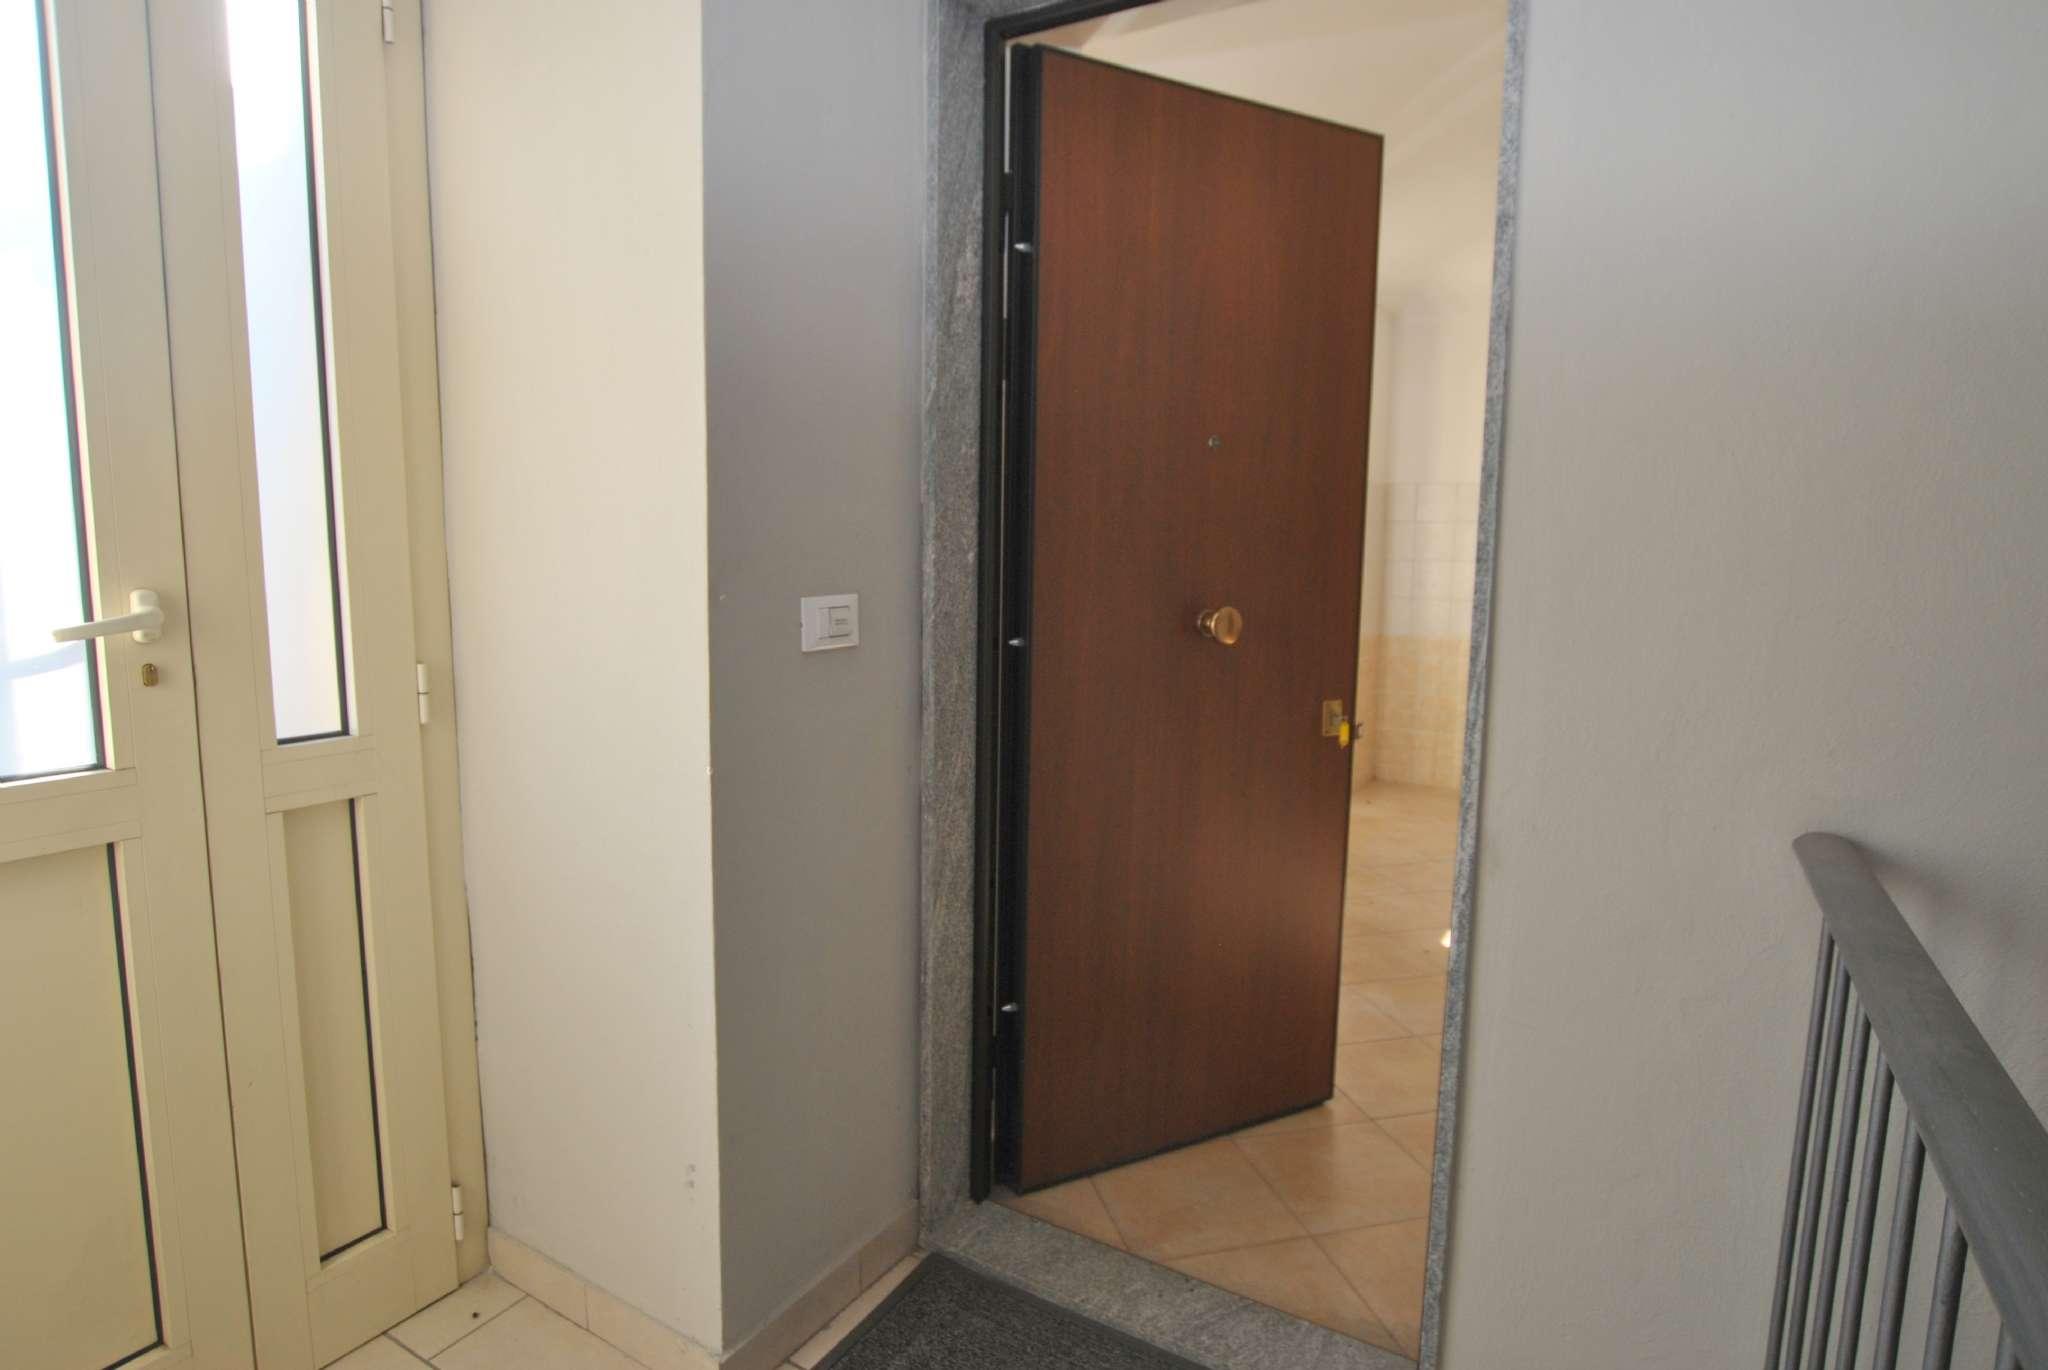 Appartamento in vendita a Chiusa di San Michele, 3 locali, prezzo € 29.500 | CambioCasa.it